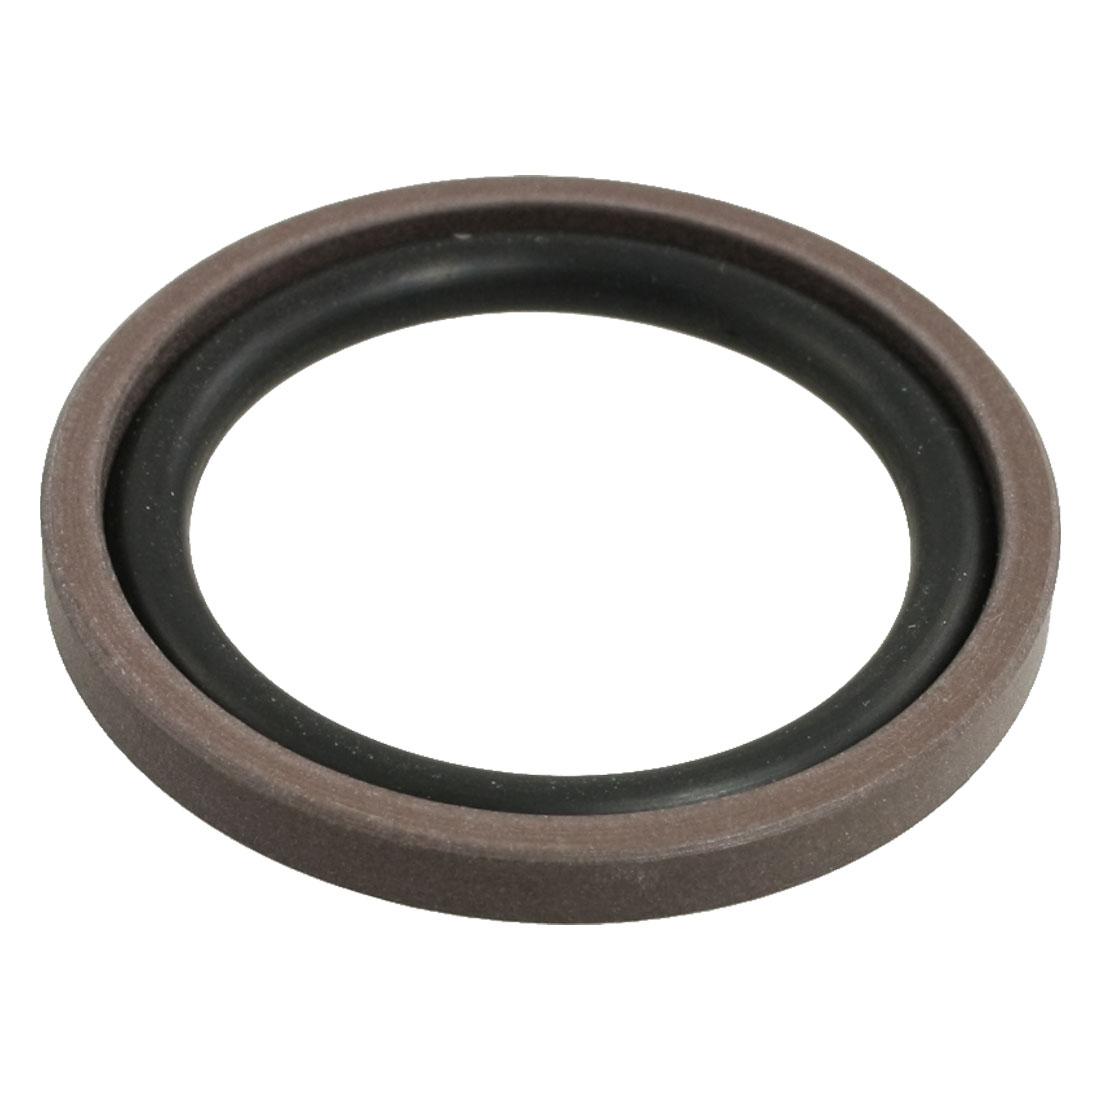 Metric 63mm x 47.5mm x 6.3mm NBR PTFE Glyd Ring Piston Shaft Seal